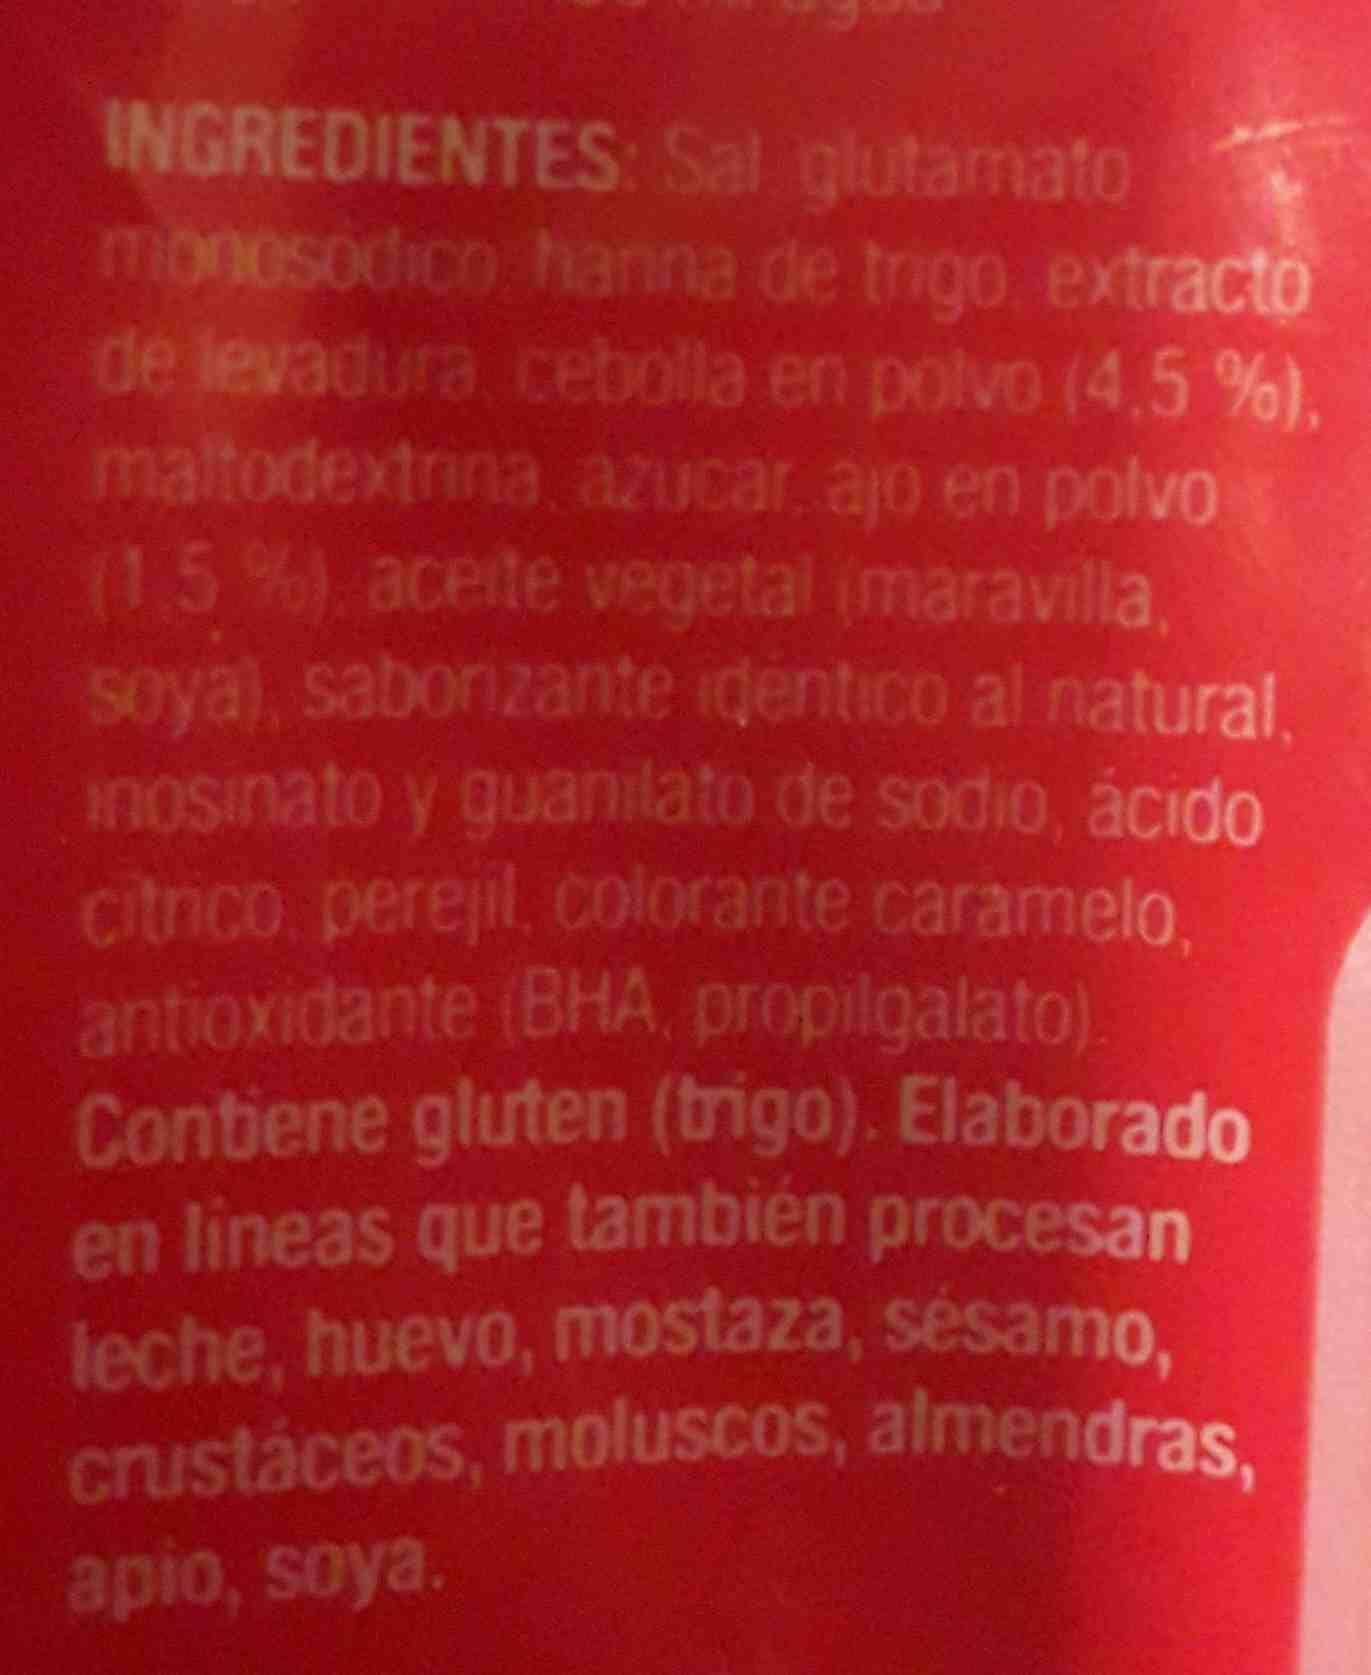 caldo tocino - Ingredients